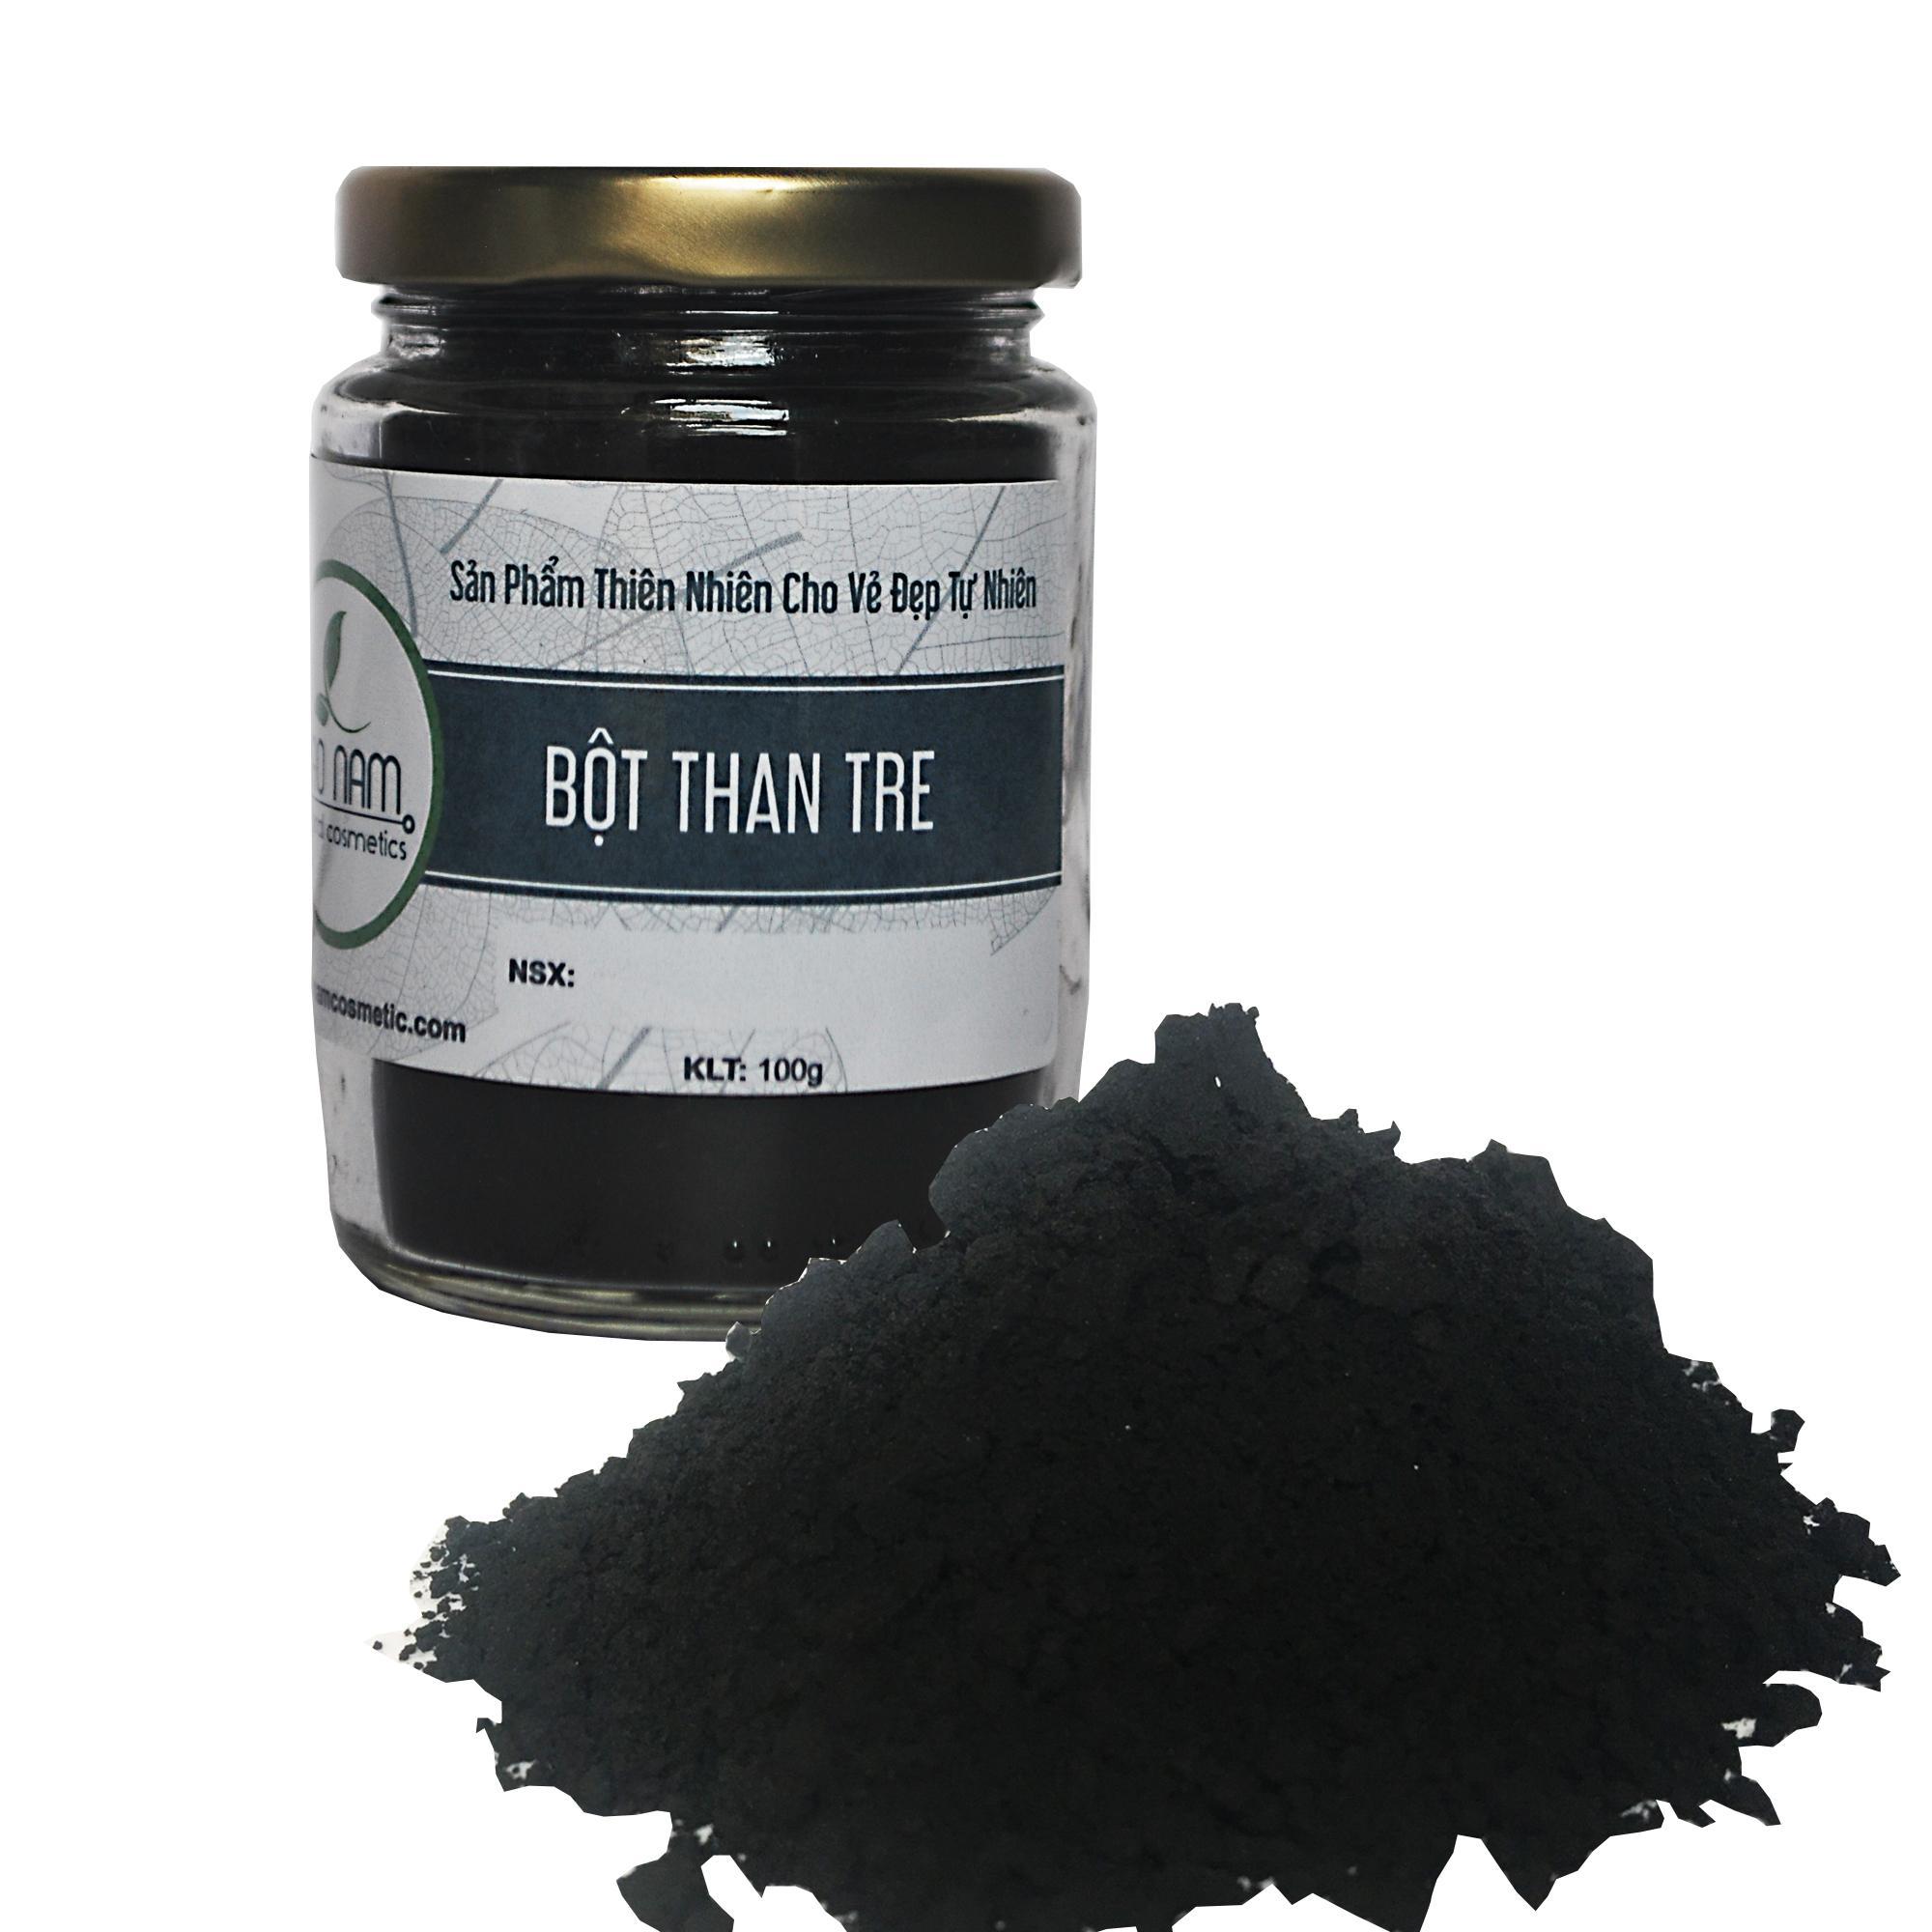 Bột than tre hoạt tính làm trắng răng 100gr nhập khẩu